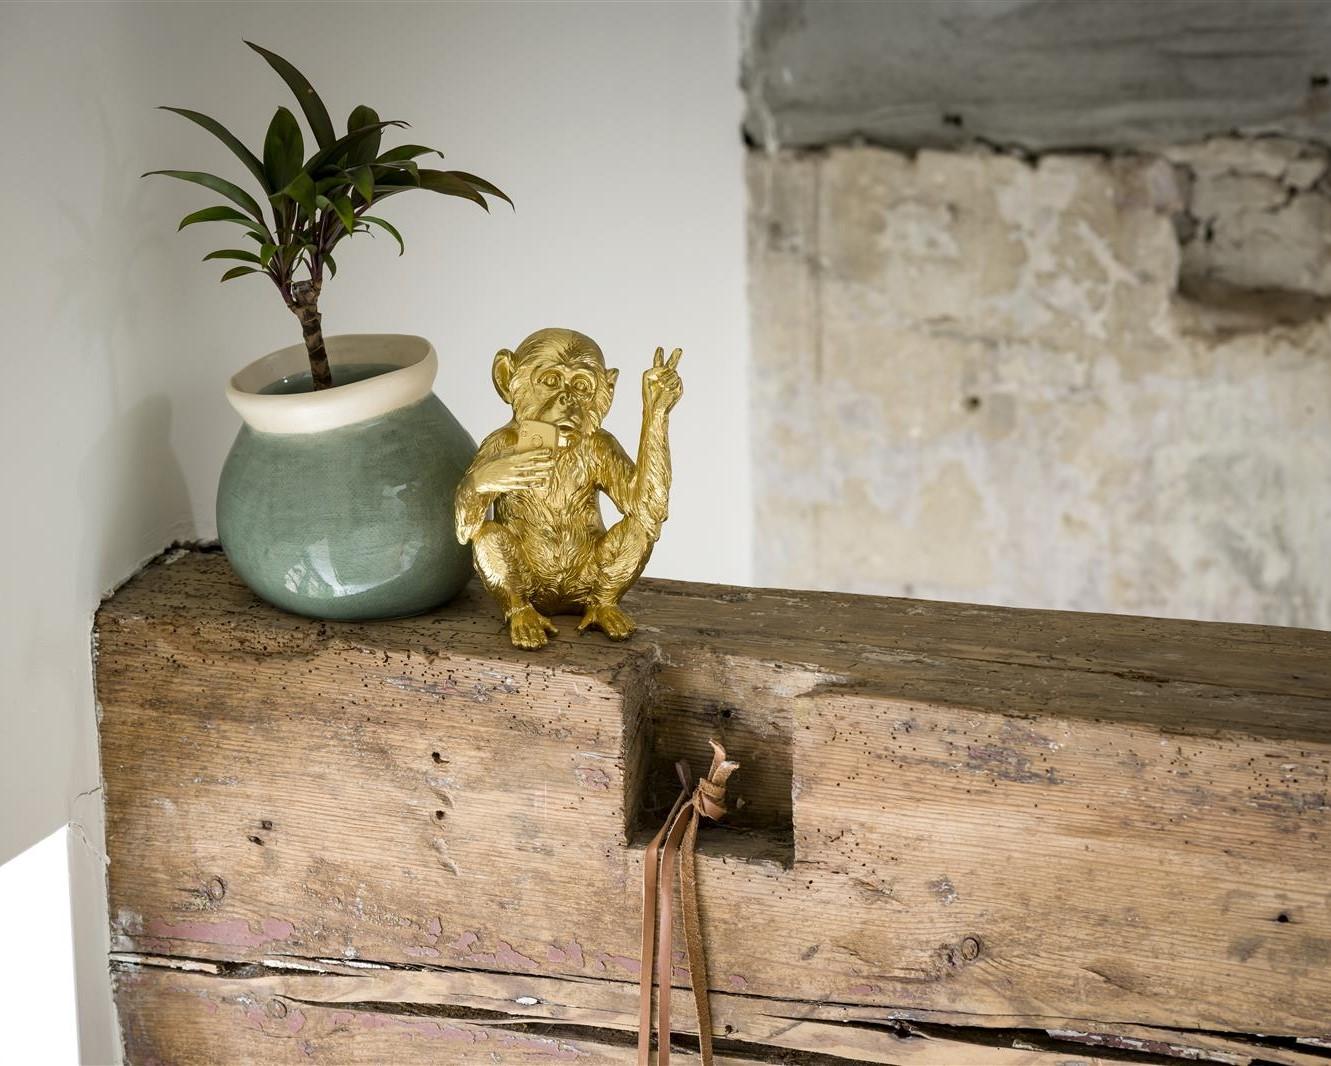 Tendance déco 2021 vase et figurine monkey